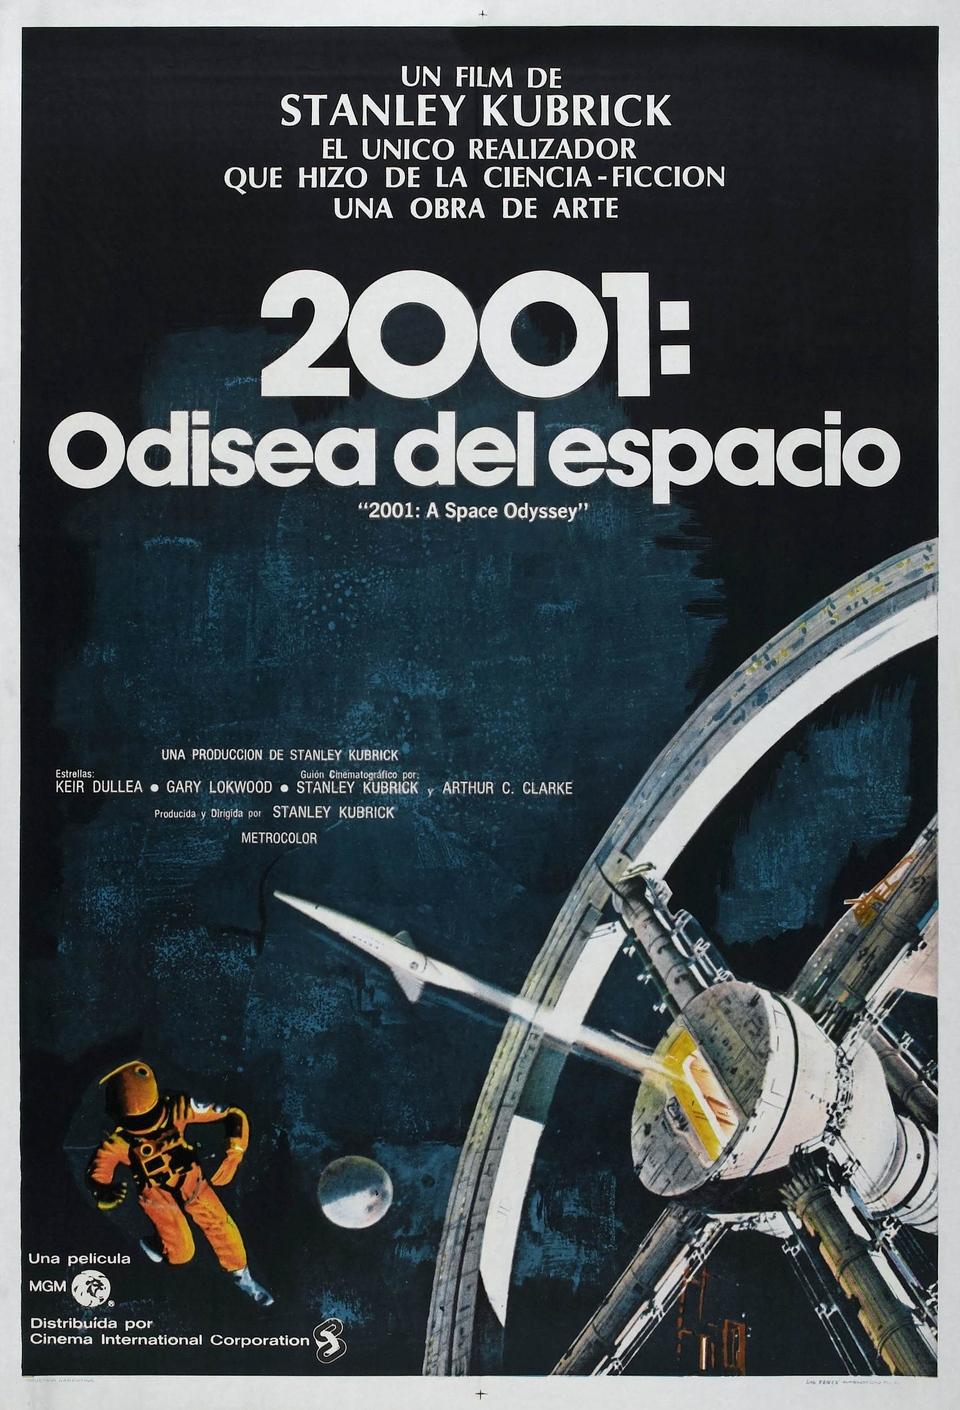 Película 2001- Una odisea del espacio torrent descargar gratis online